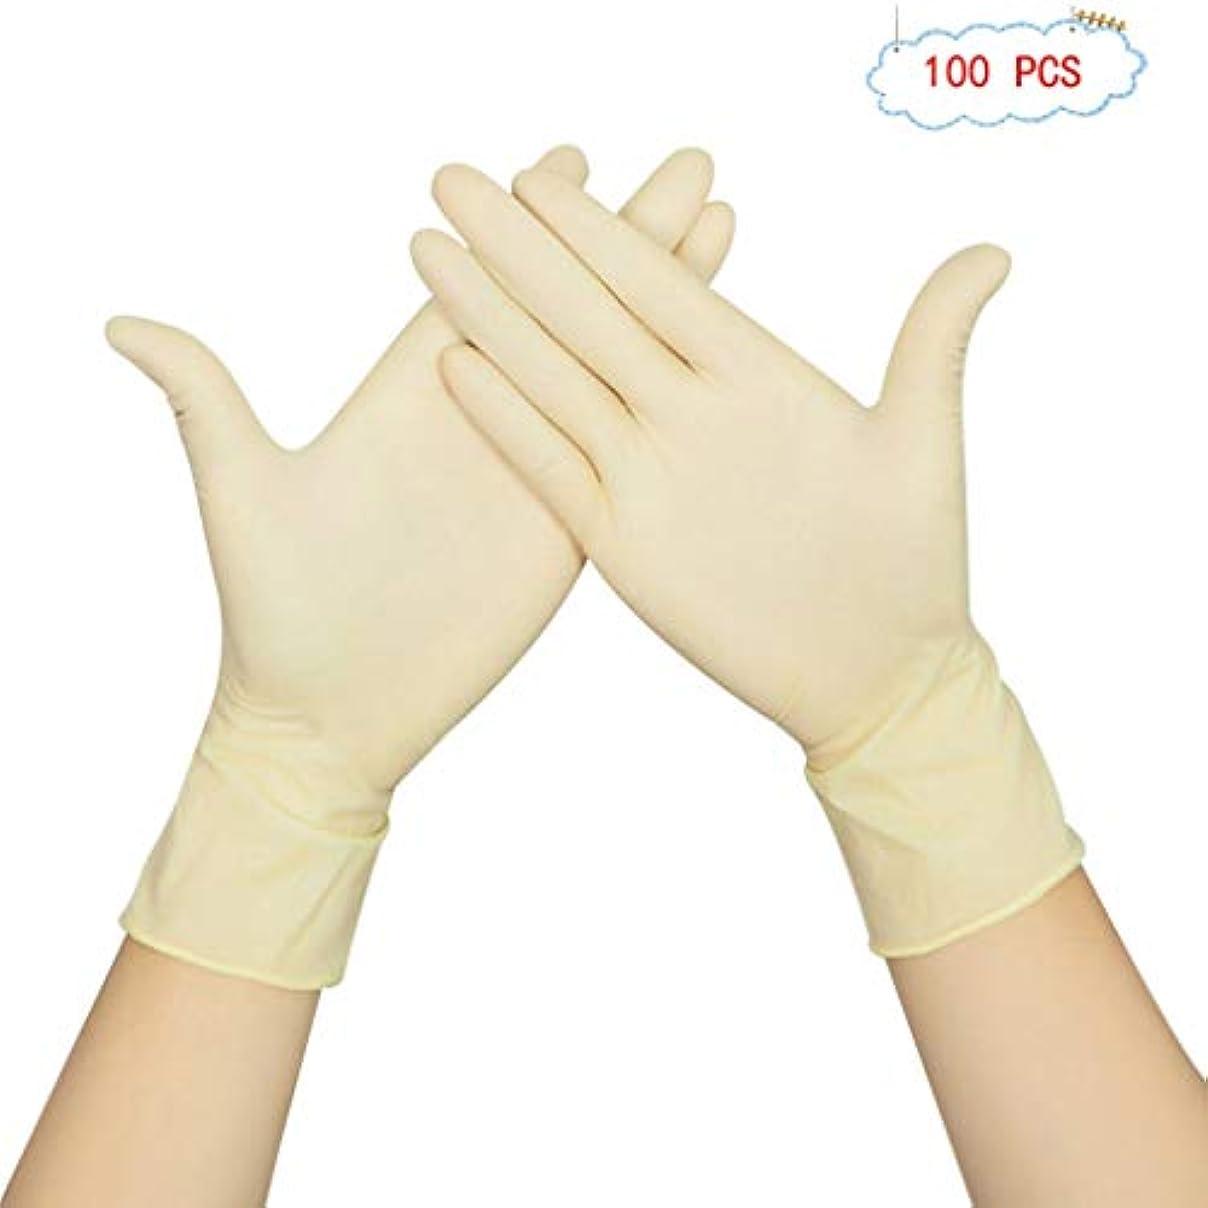 靴施設落胆した箱入り使い捨てラテックス手袋パウダーフリーゴム滑り止めの病院のために労働保険のプロフェッショナルグレードのクリーニング (Color : 9 inch, Size : L)